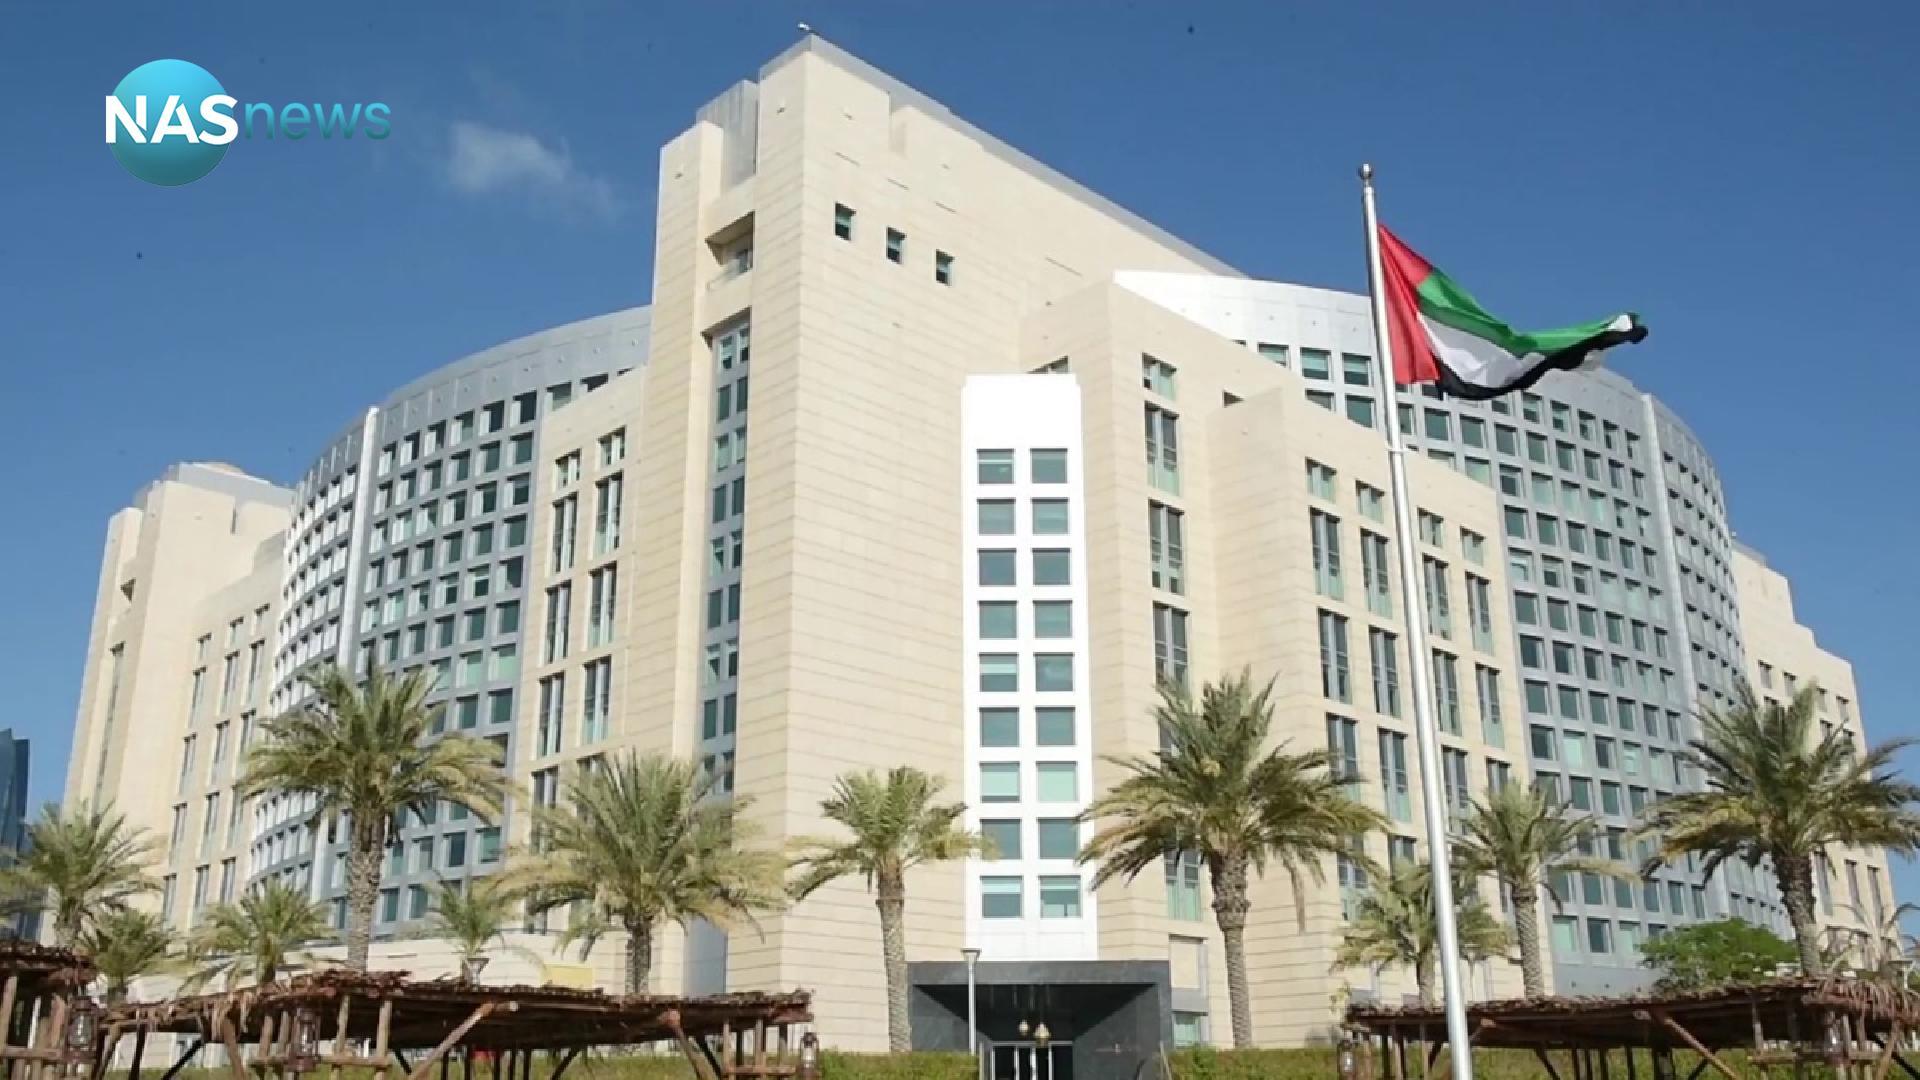 قضية 'بيغاسوس'.. الإمارات تنفي استخدامها البرنامج الإسرائيلي